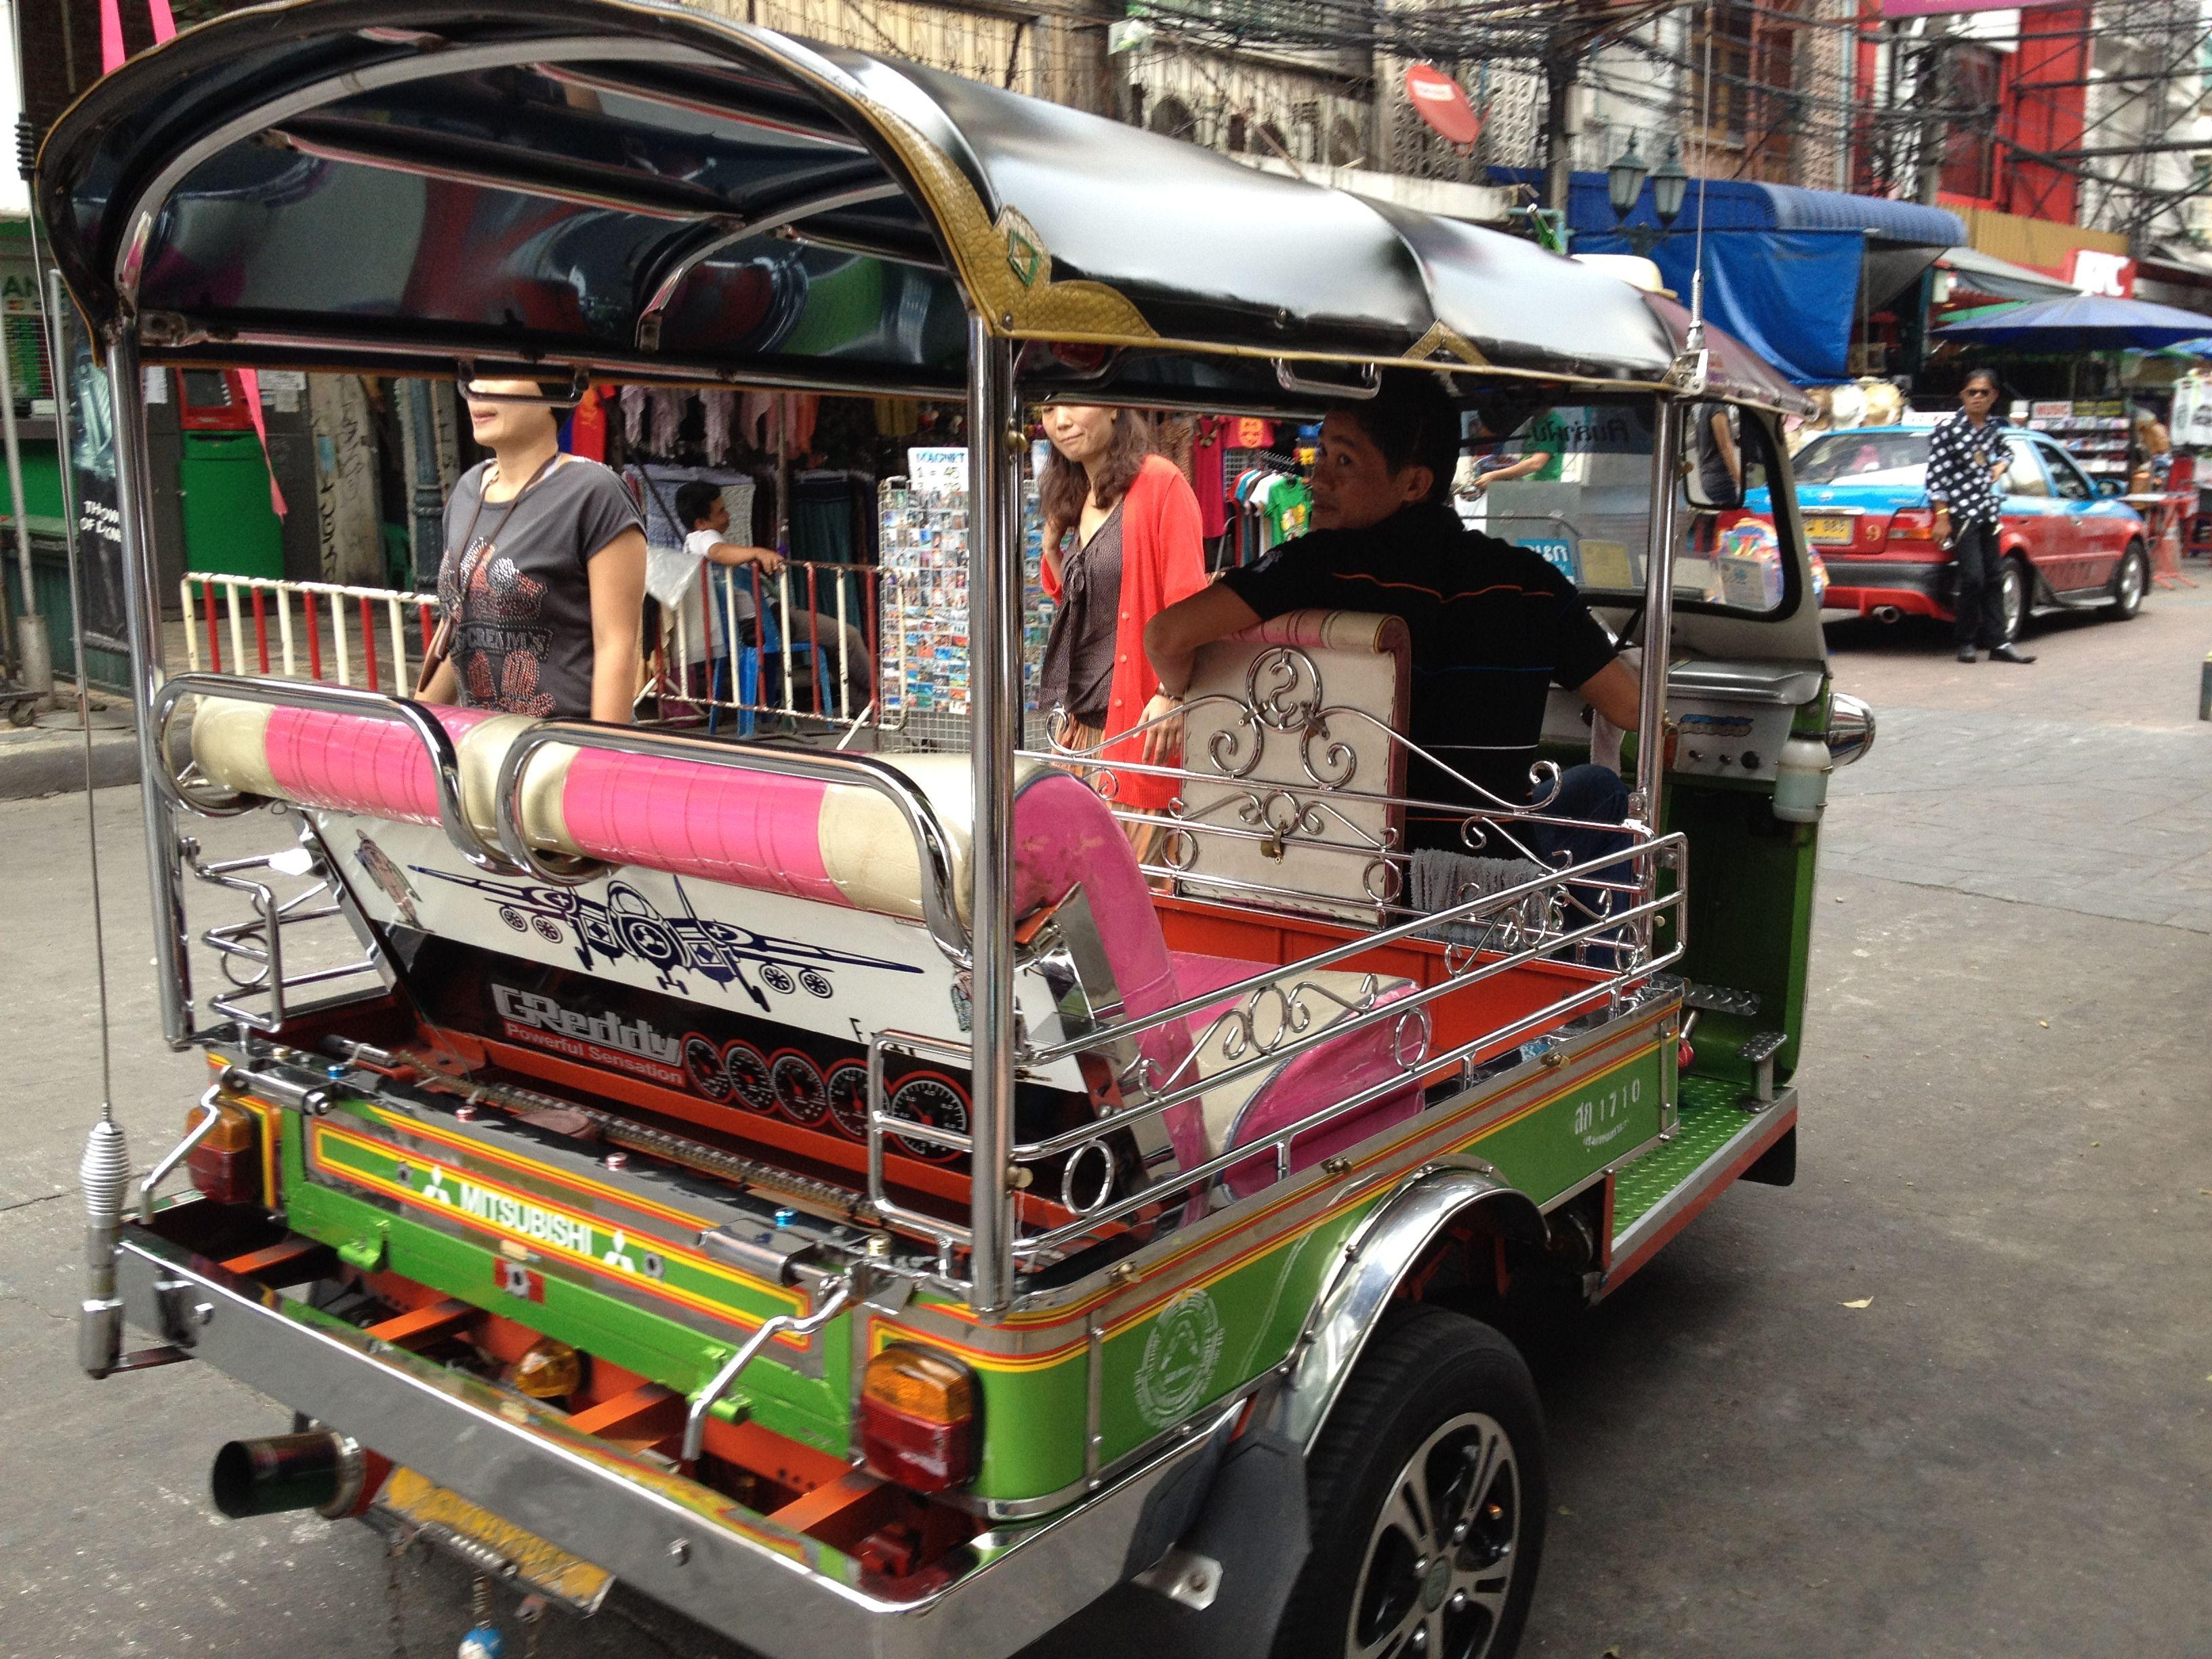 Tuk tuk on Khao San Road, Bangkok, Thailand